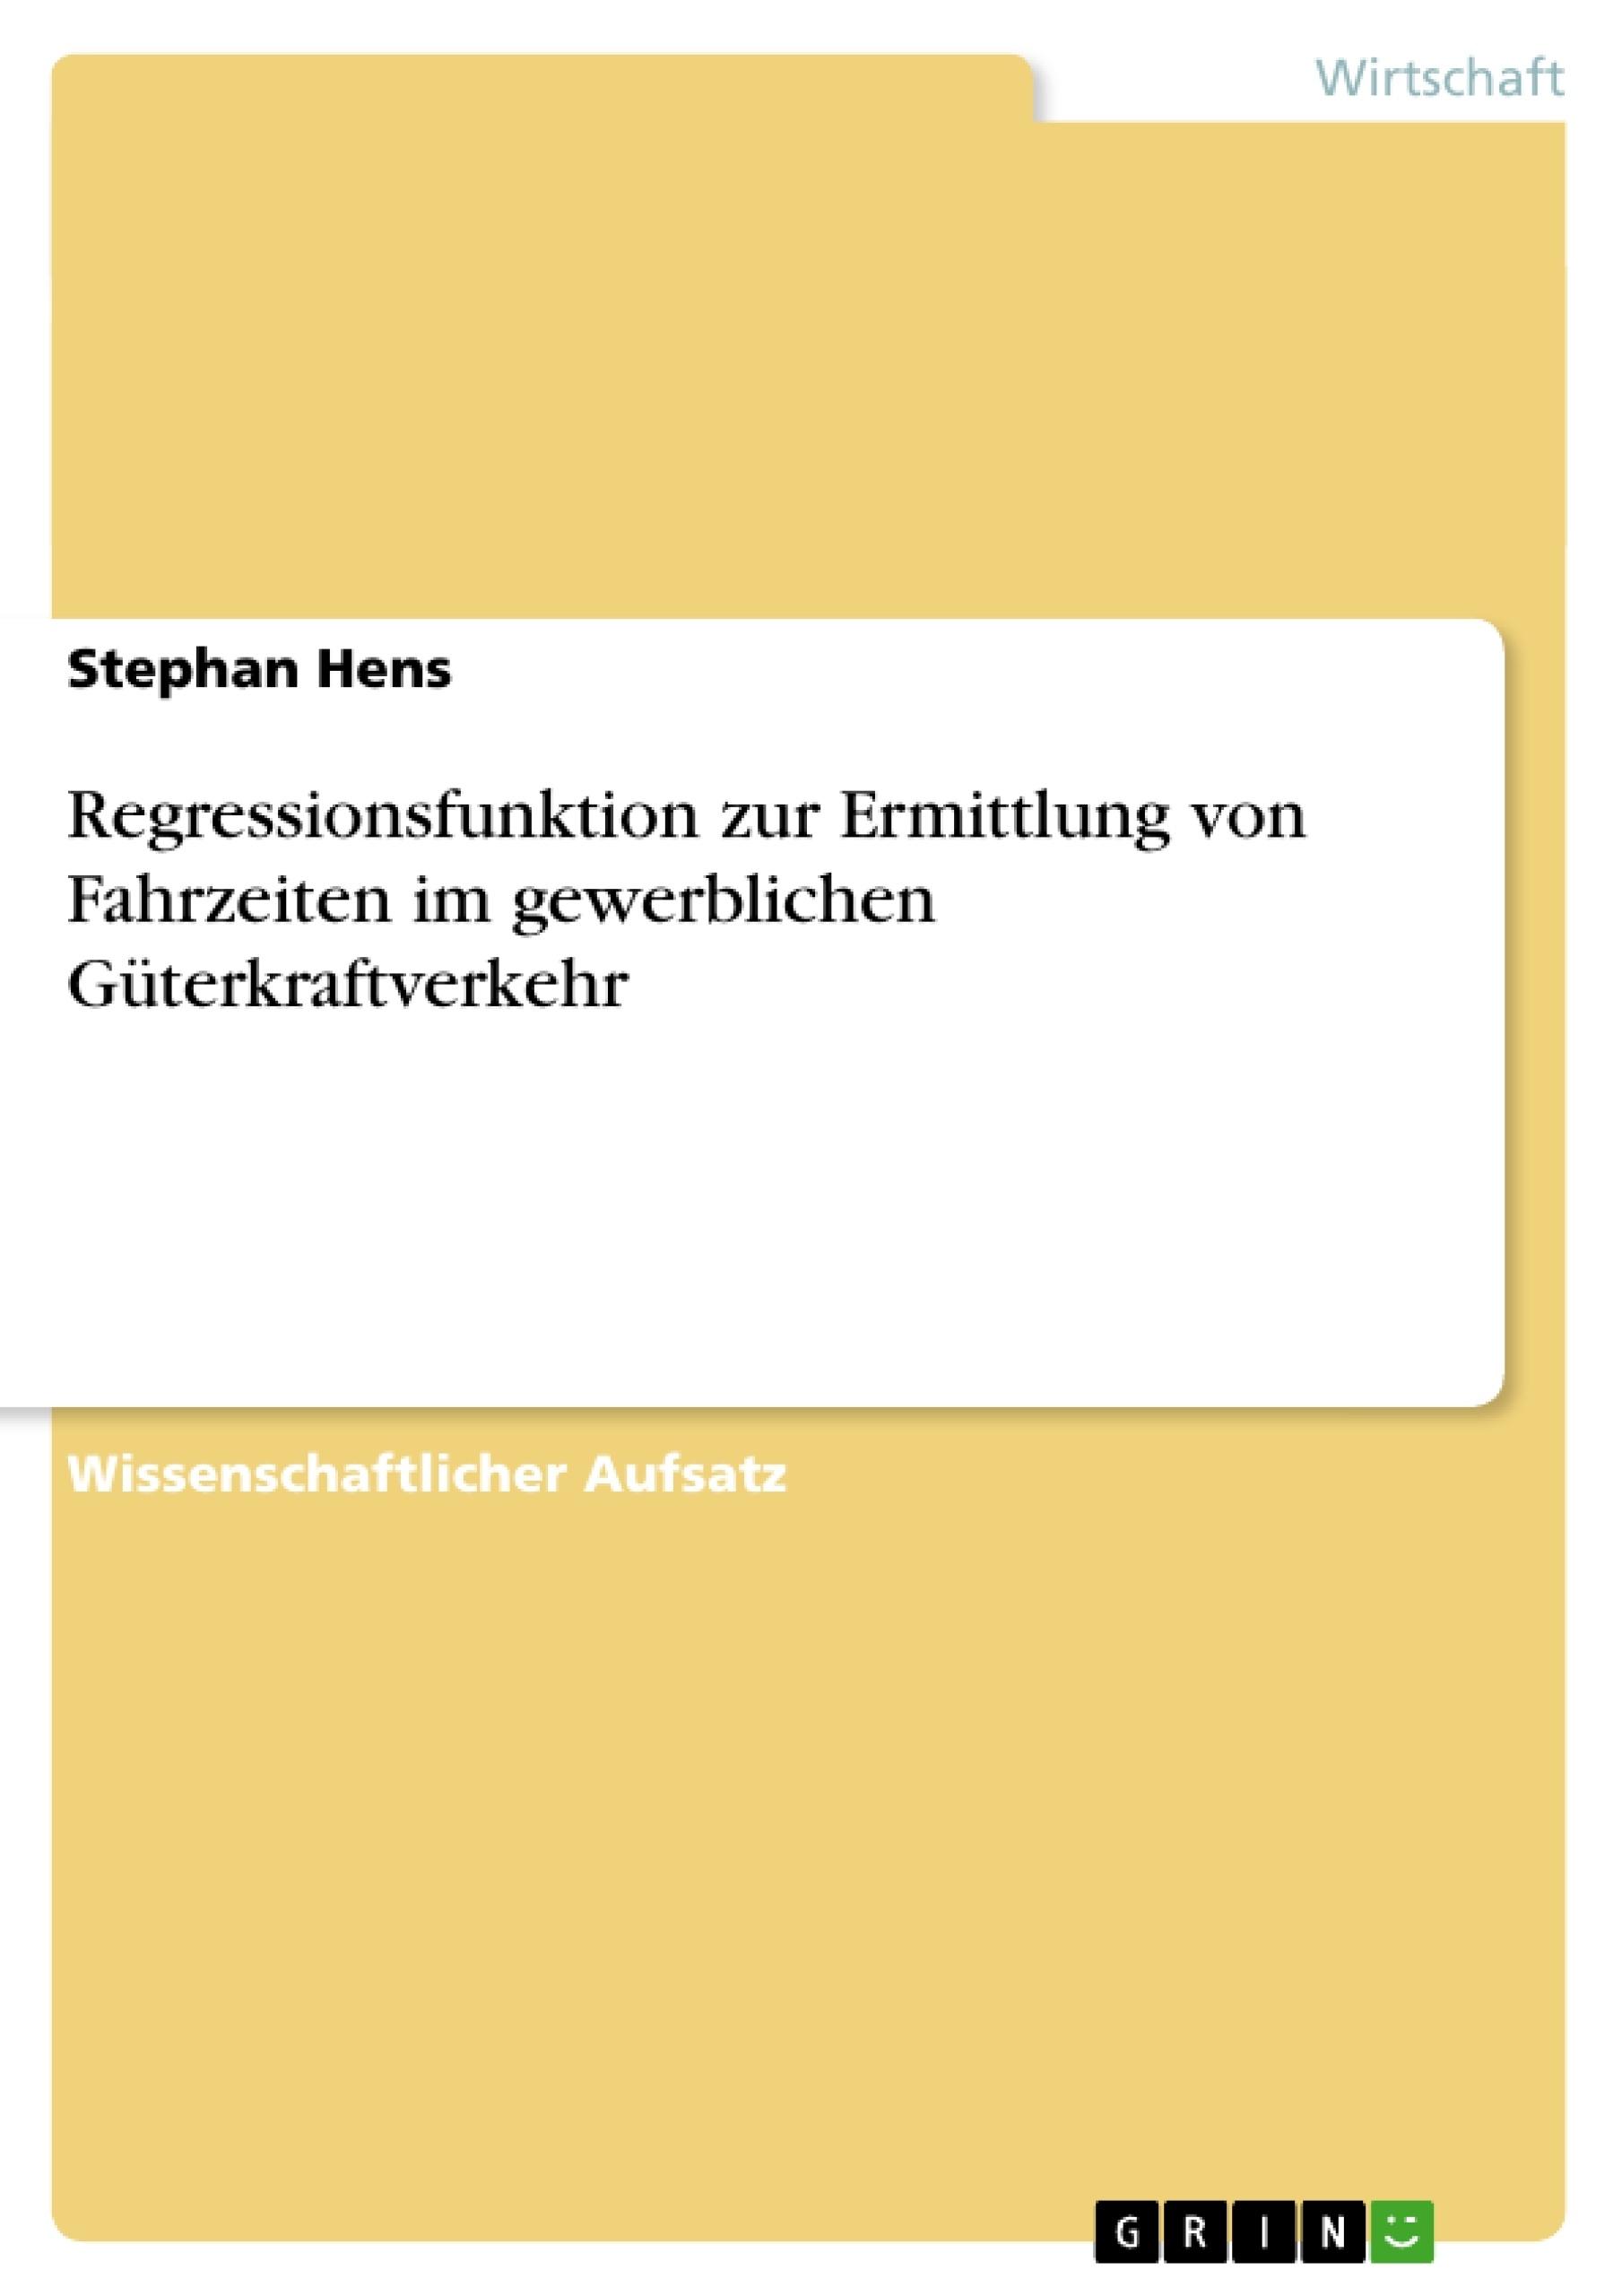 Titel: Regressionsfunktion zur Ermittlung von Fahrzeiten im gewerblichen Güterkraftverkehr